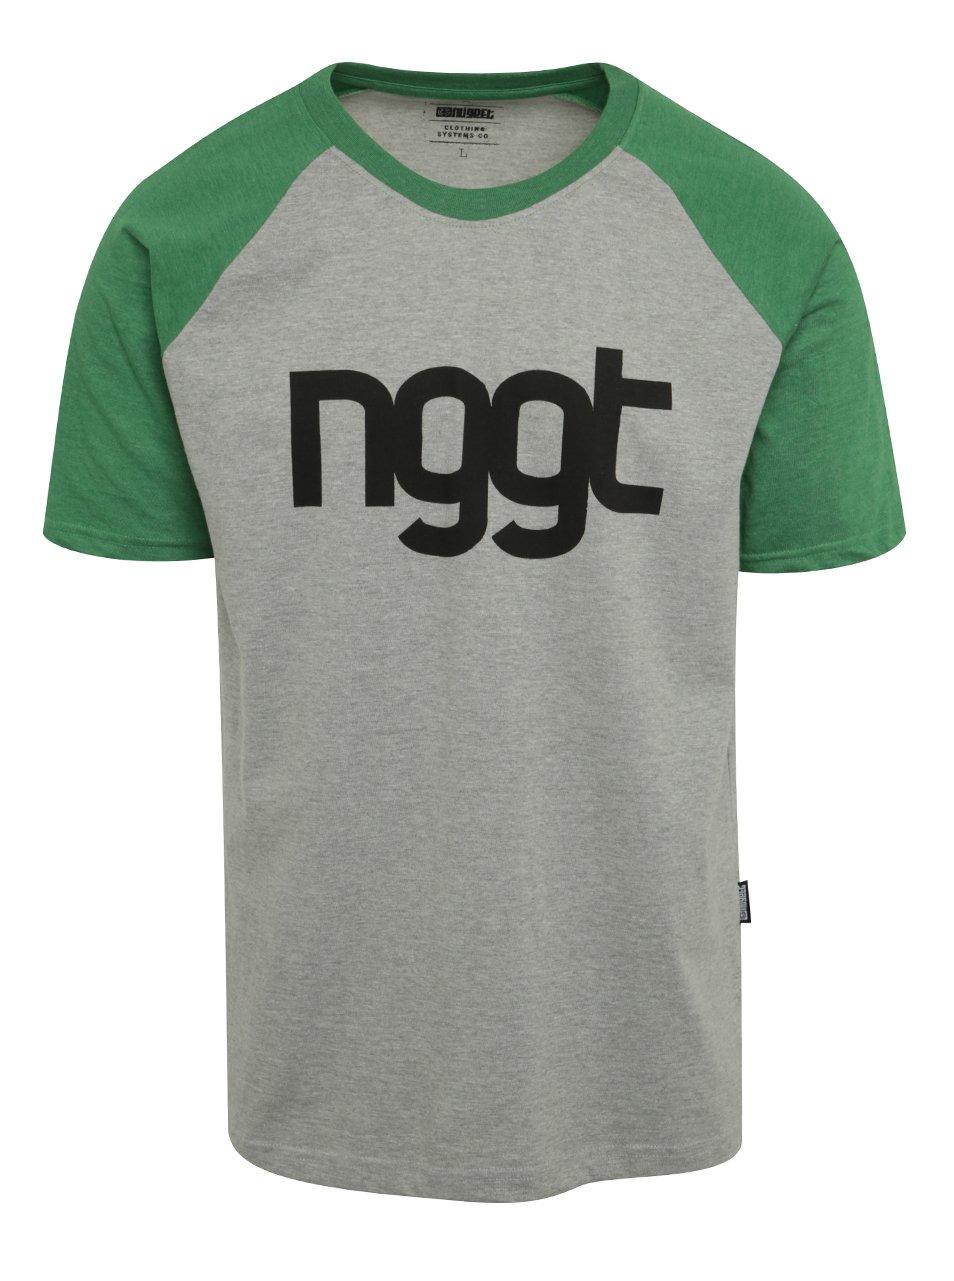 Zeleno-šedé pánské triko s potiskem NUGGET Asset